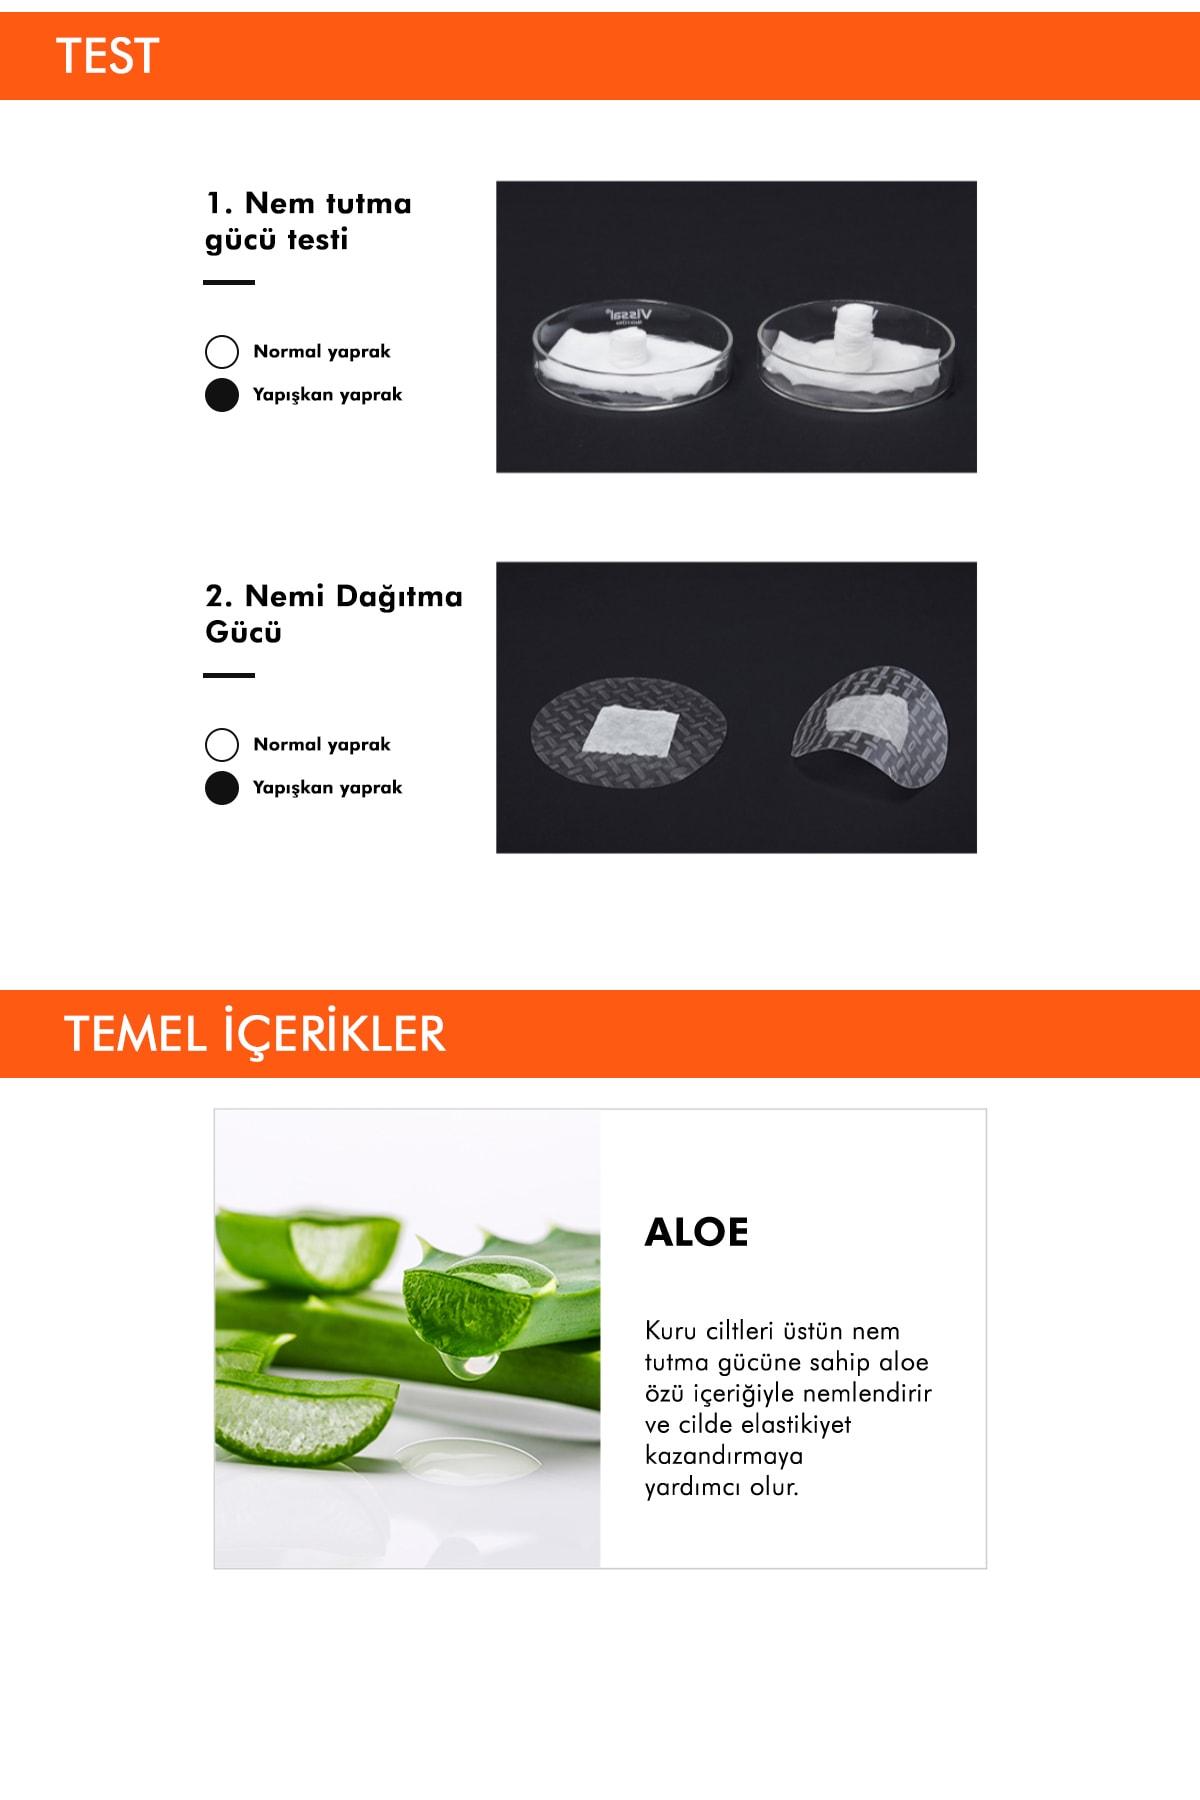 Missha Aloe Veralı Yatıştırıcı ve nemlendirici Yaprak Maske (1ad) Airy Fit Sheet Mask 3